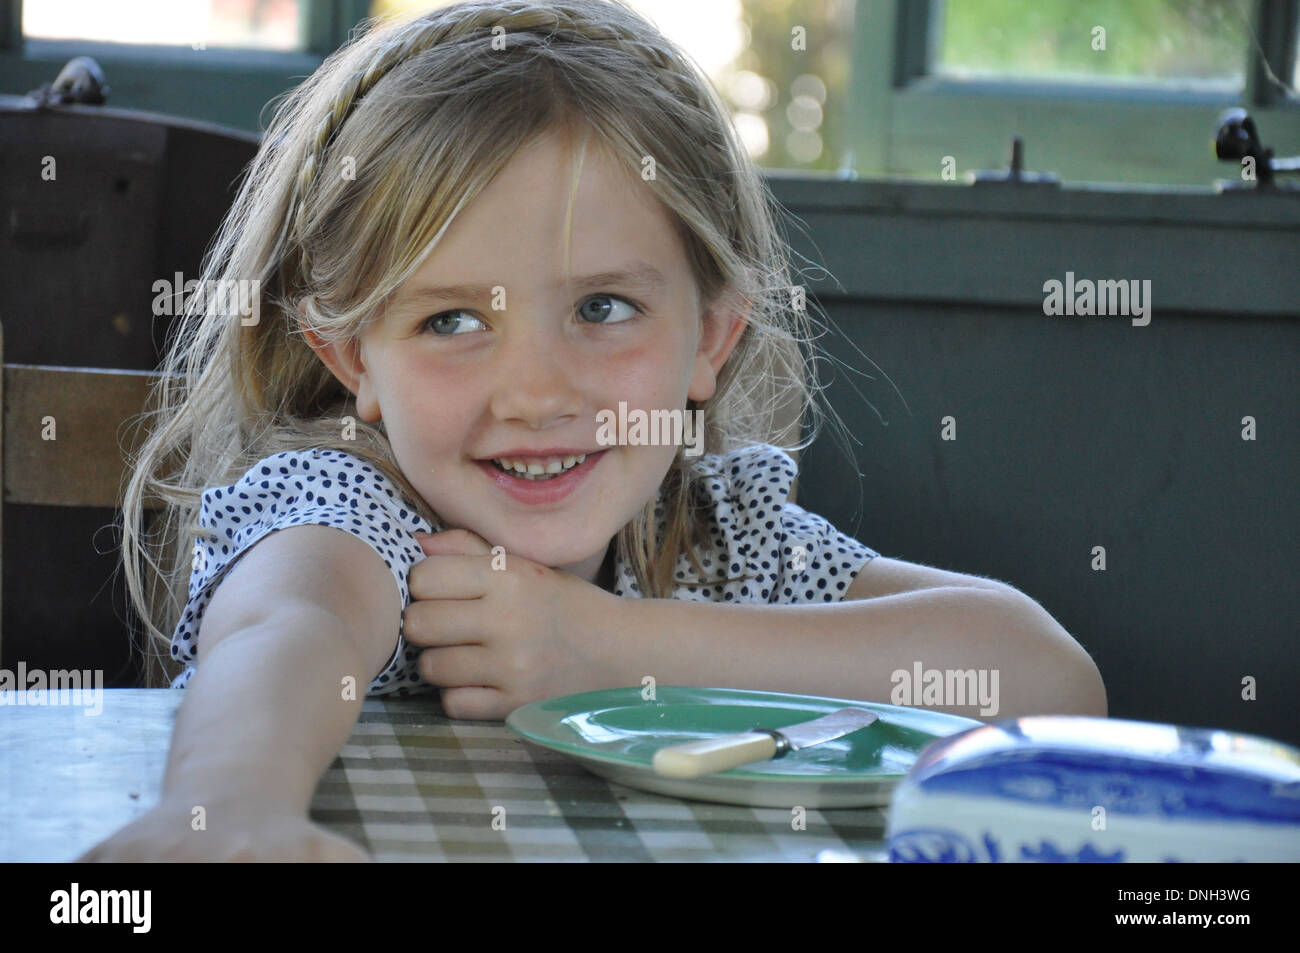 Kind Kindheit Elternschaft Mädchen Niedlich Stockfotos Kind